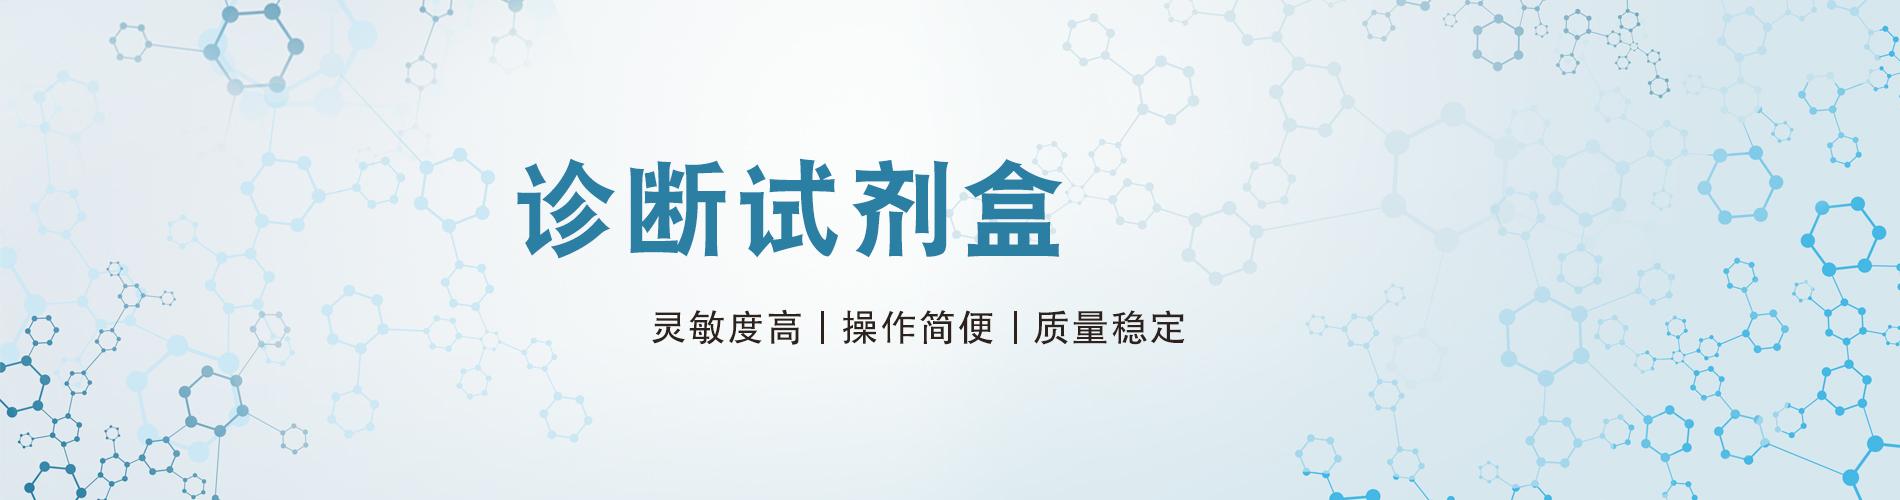 交流区-www.bnbio.com北纳生物